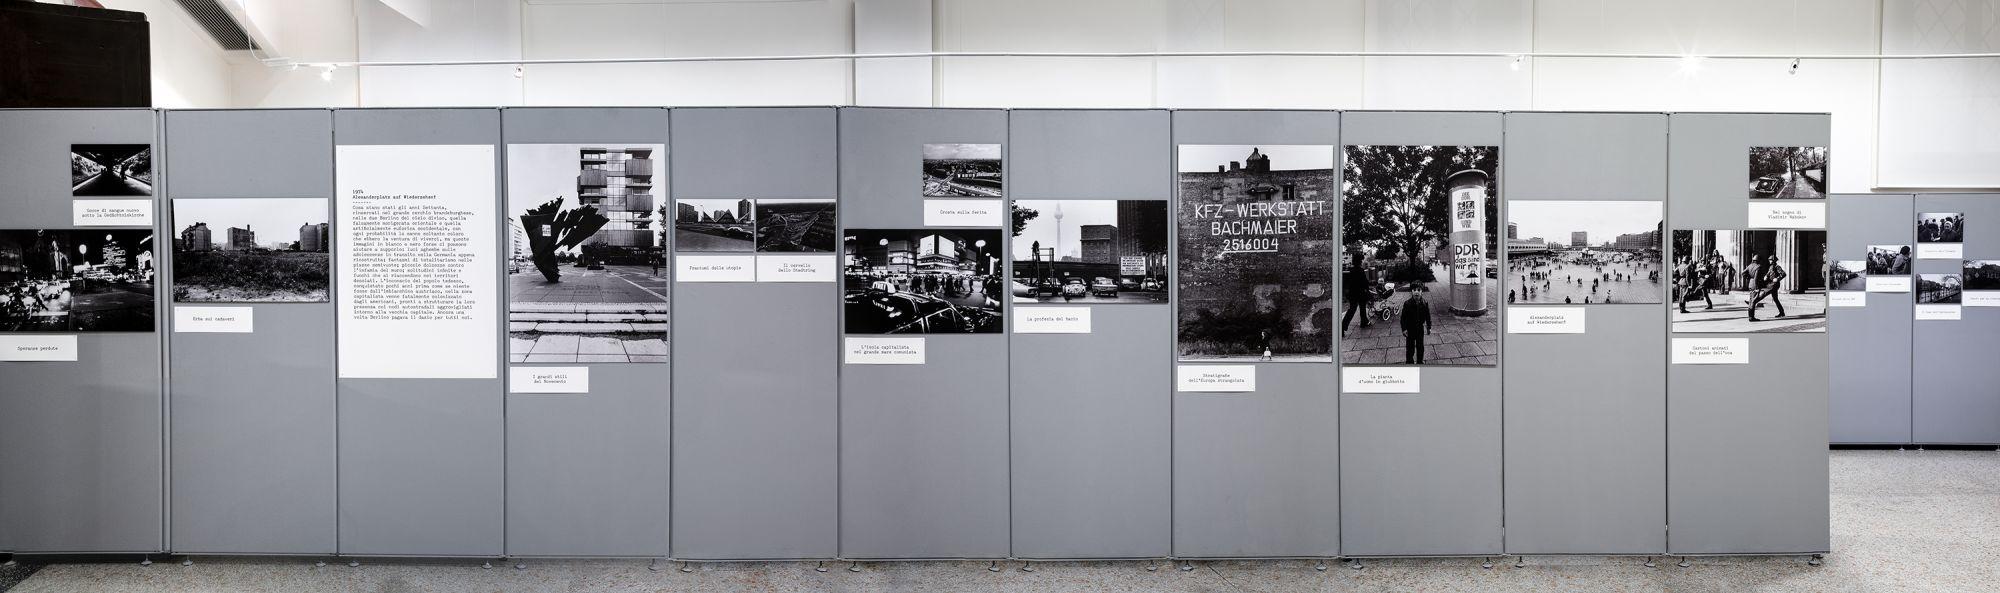 Il Muro Infinito - testimonianze e documenti